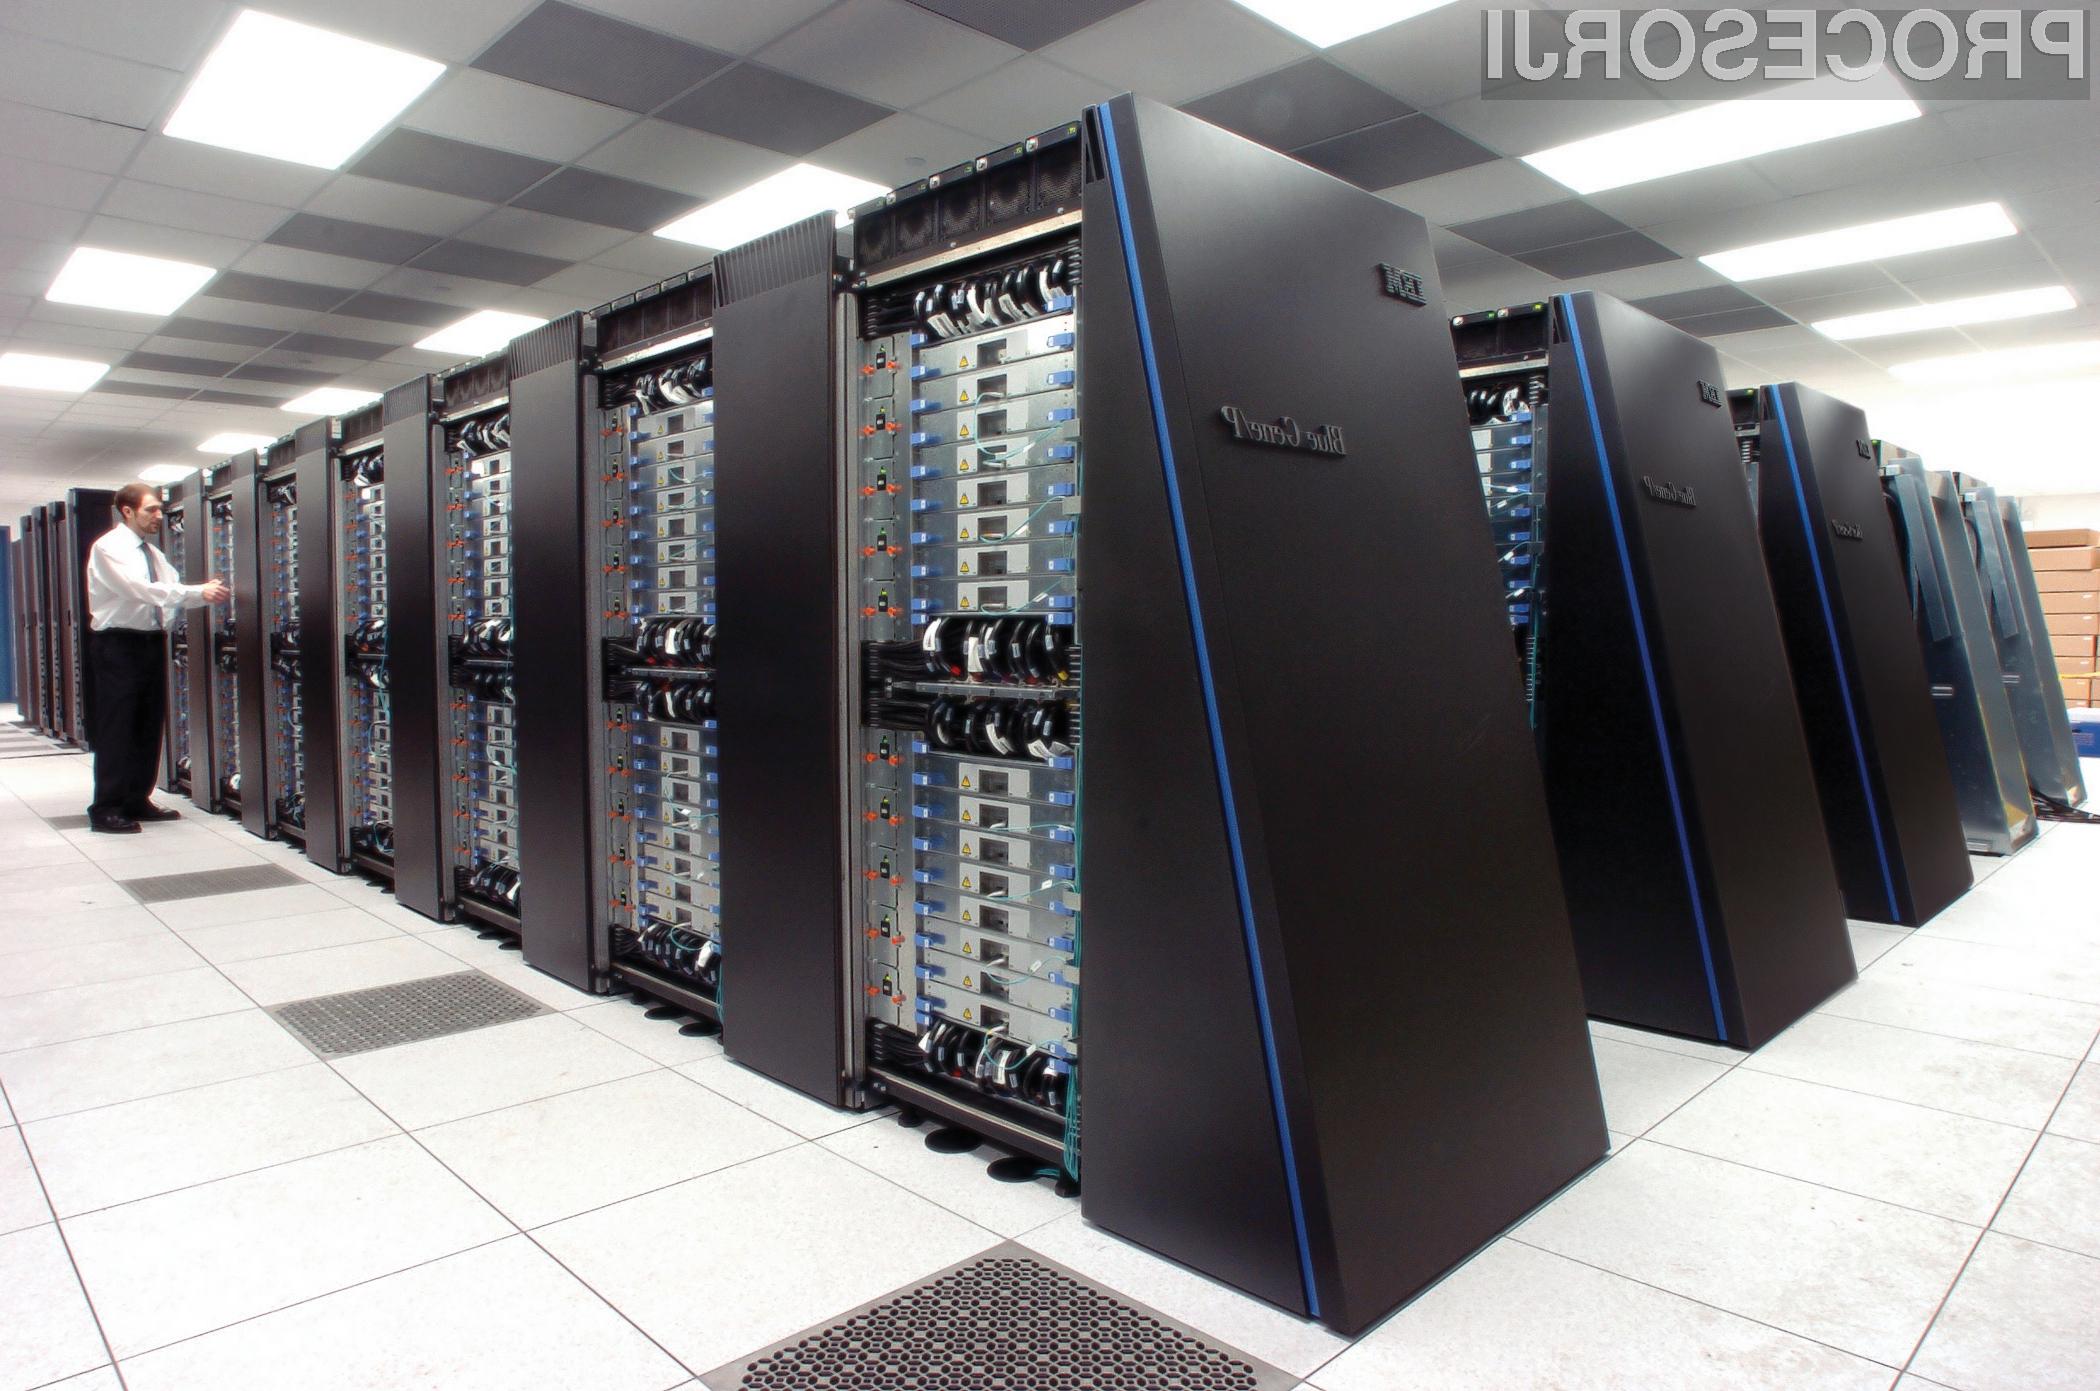 Superračunalnik IBM bo lahko na dan preračunal dvakrat toliko podatkov, kot se jih trenutno na dan pretoči prek spleta.